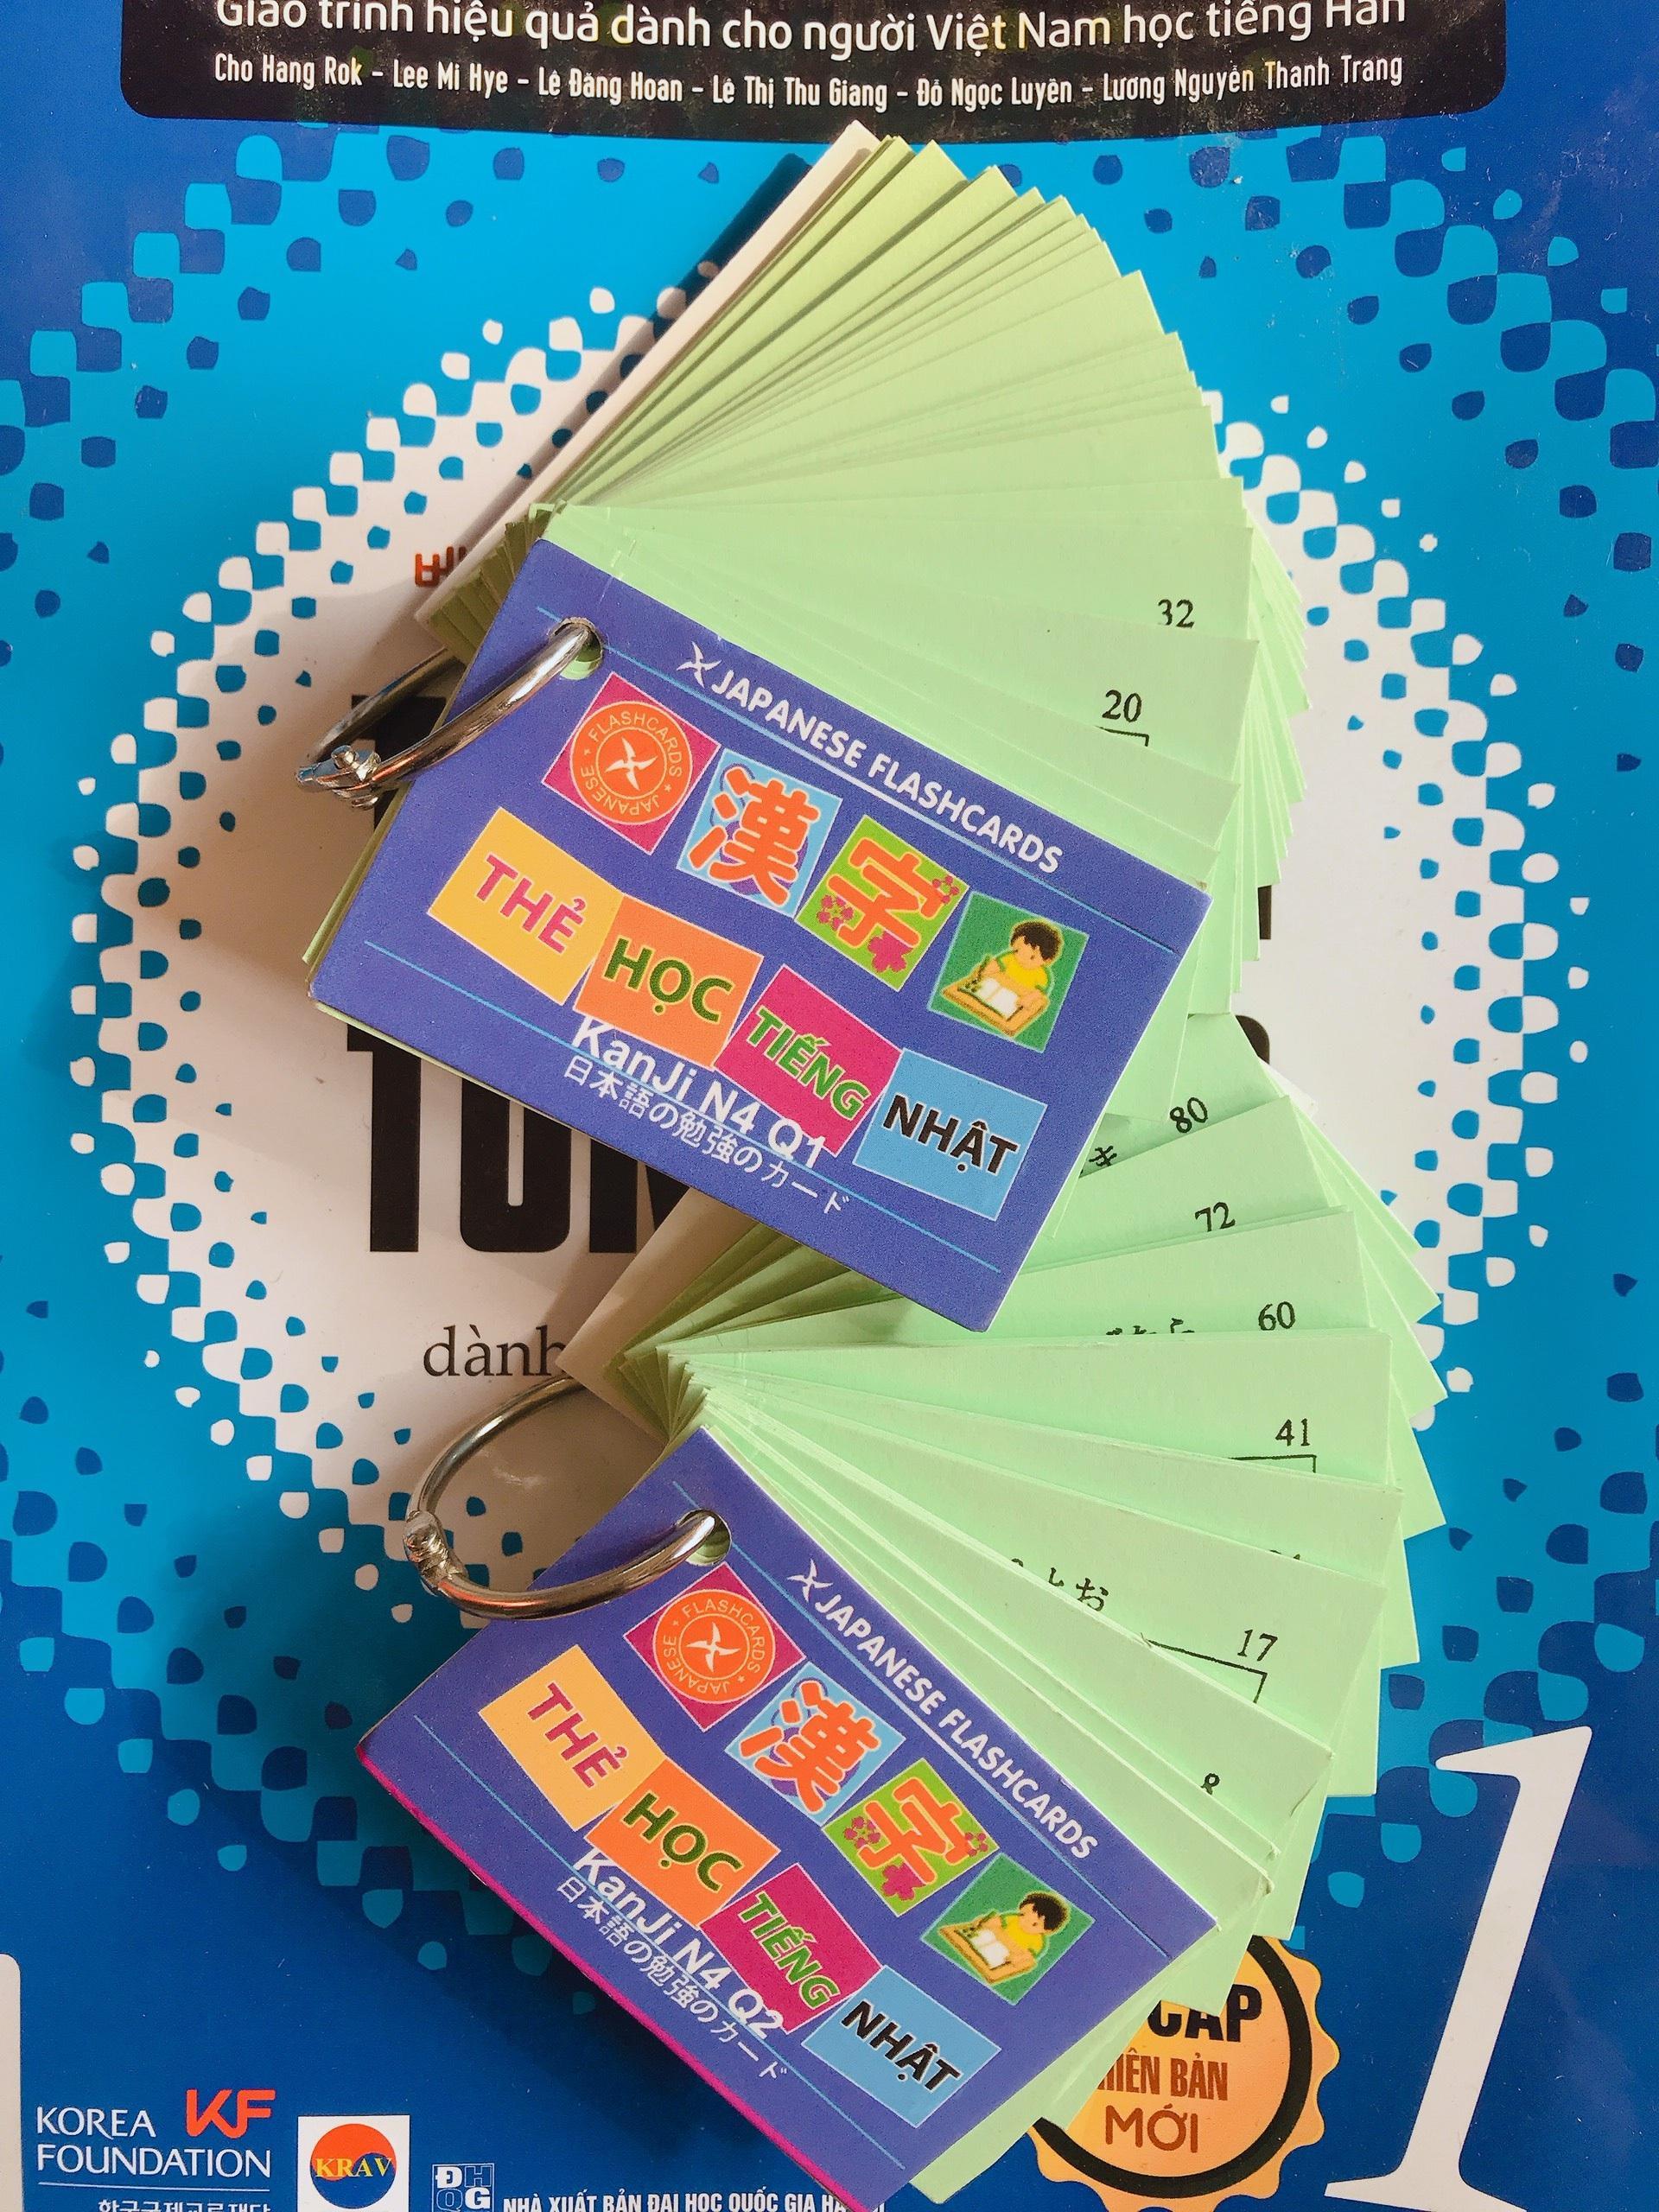 Mã Khuyến Mãi tại Lazada cho Thẻ Học Tiếng Nhật N4 - Thẻ Học Chữ Hán